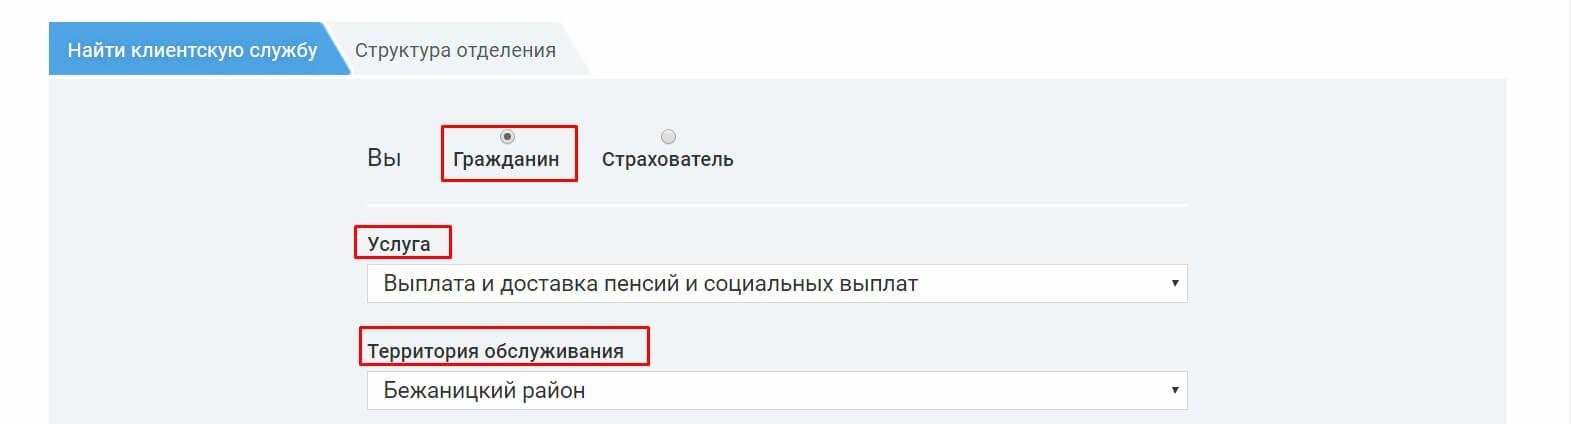 ПФР Орловской области